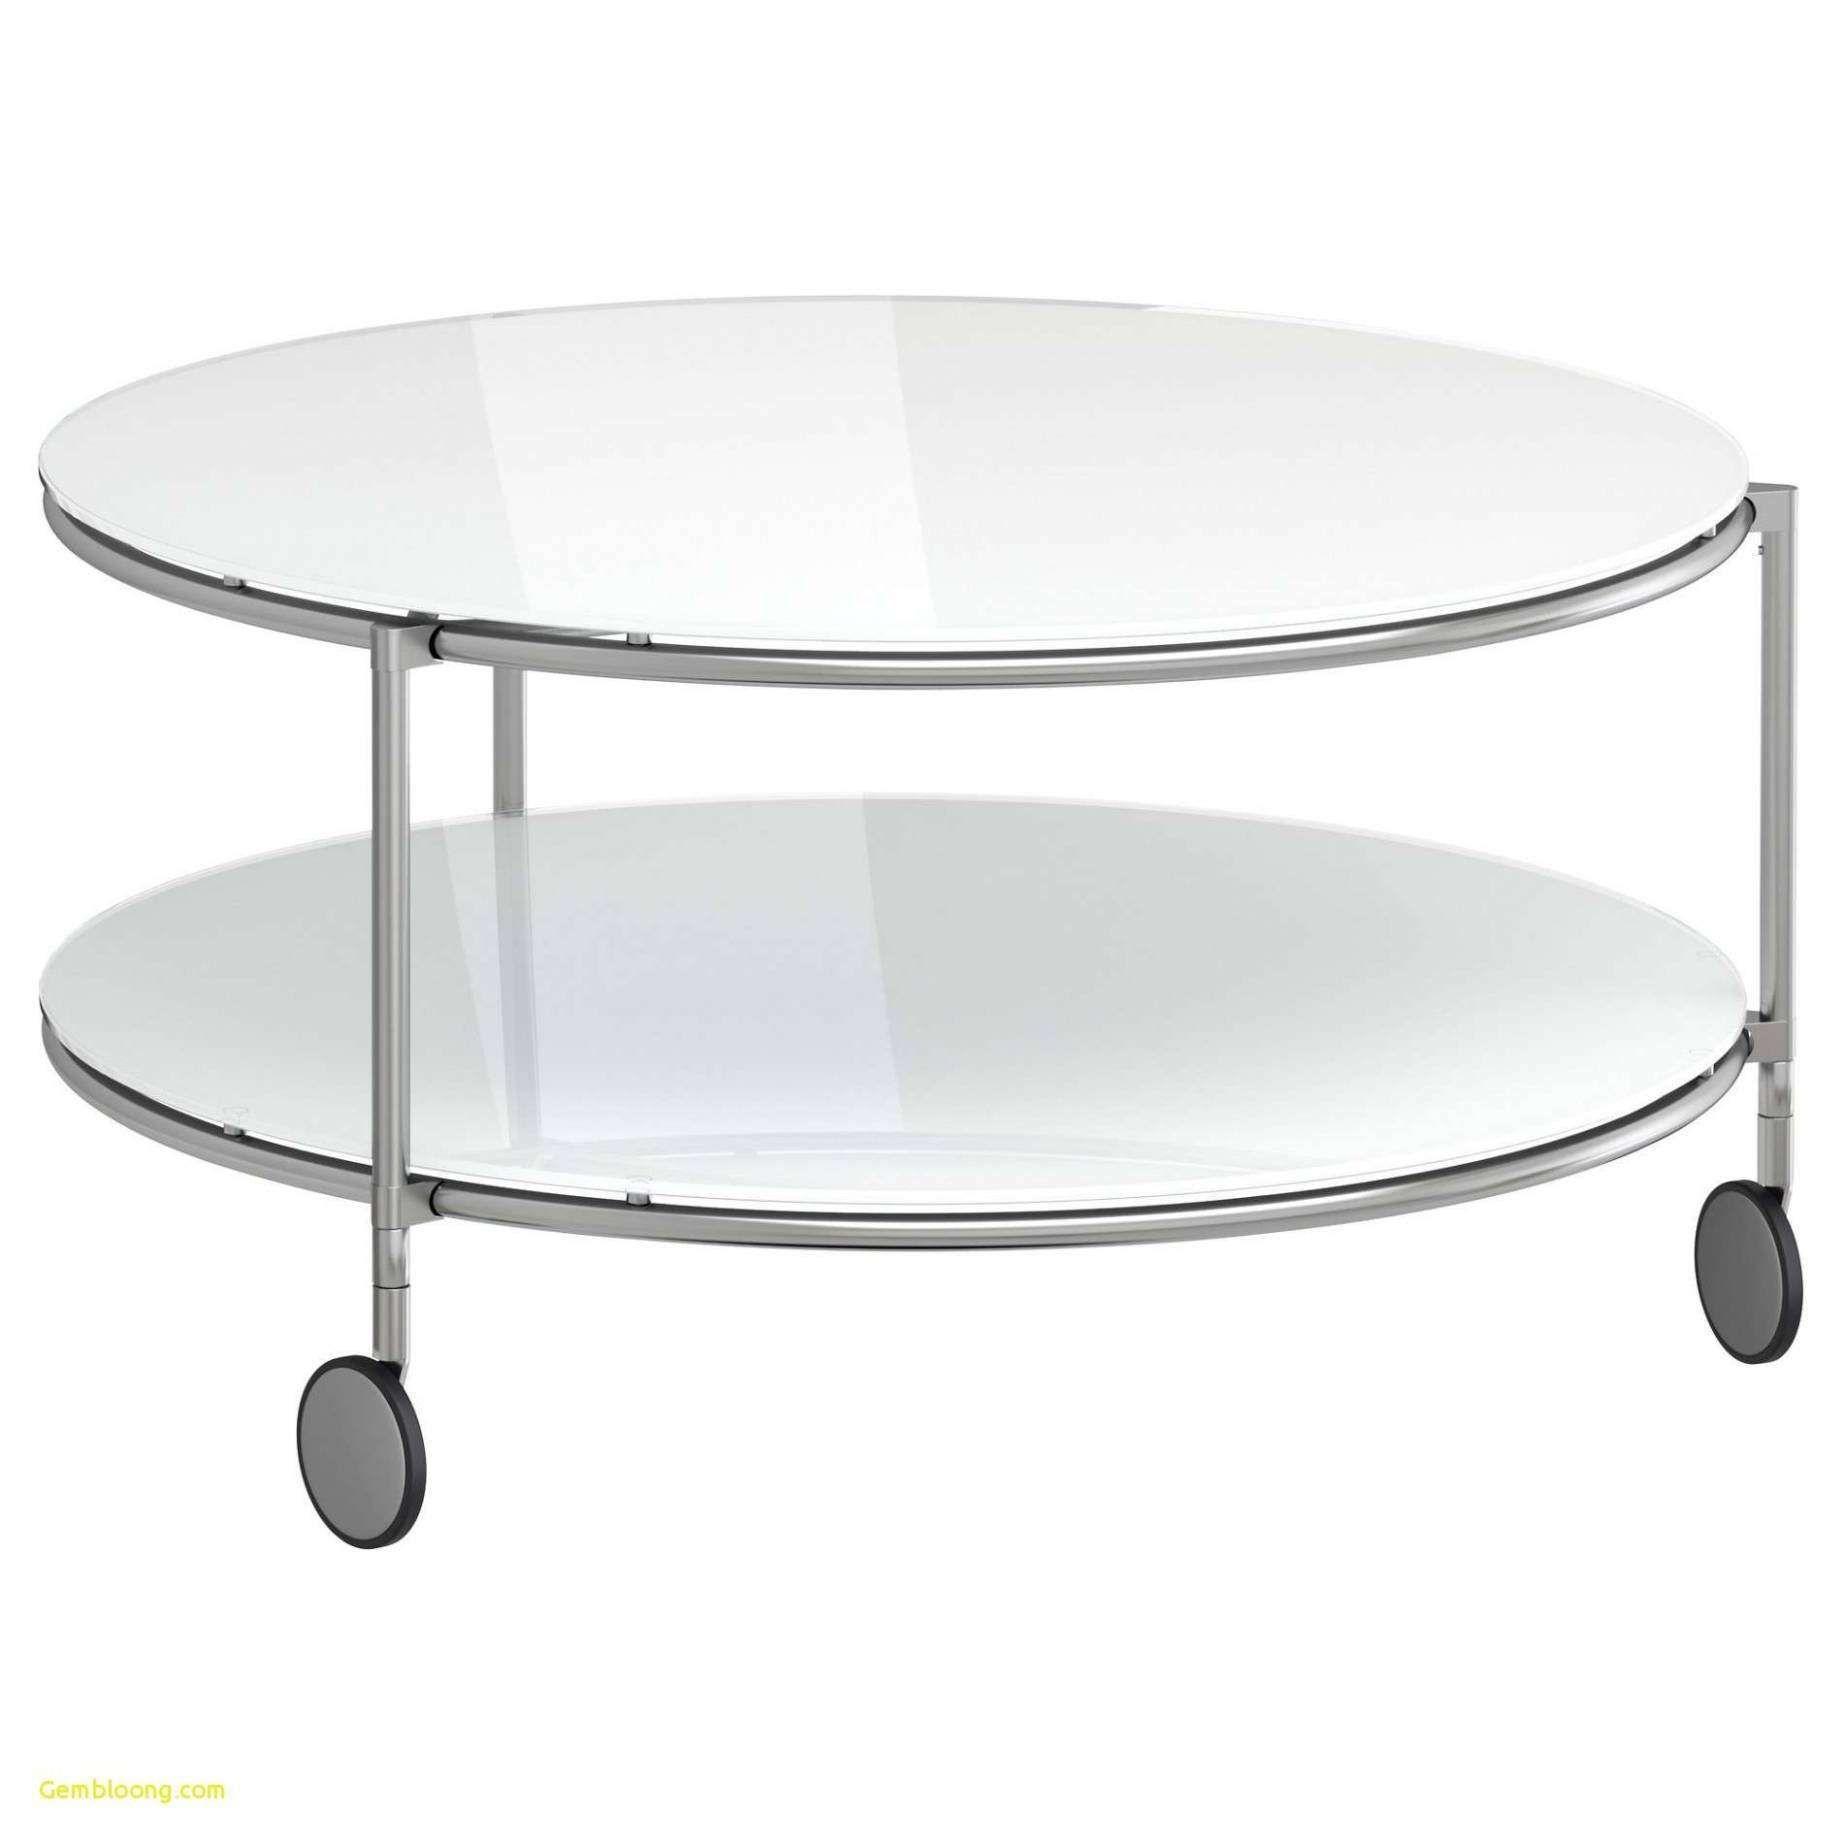 Beistelltisch Glas Rund Esstisch Rund Glas Luxus 30 Ideen Beste